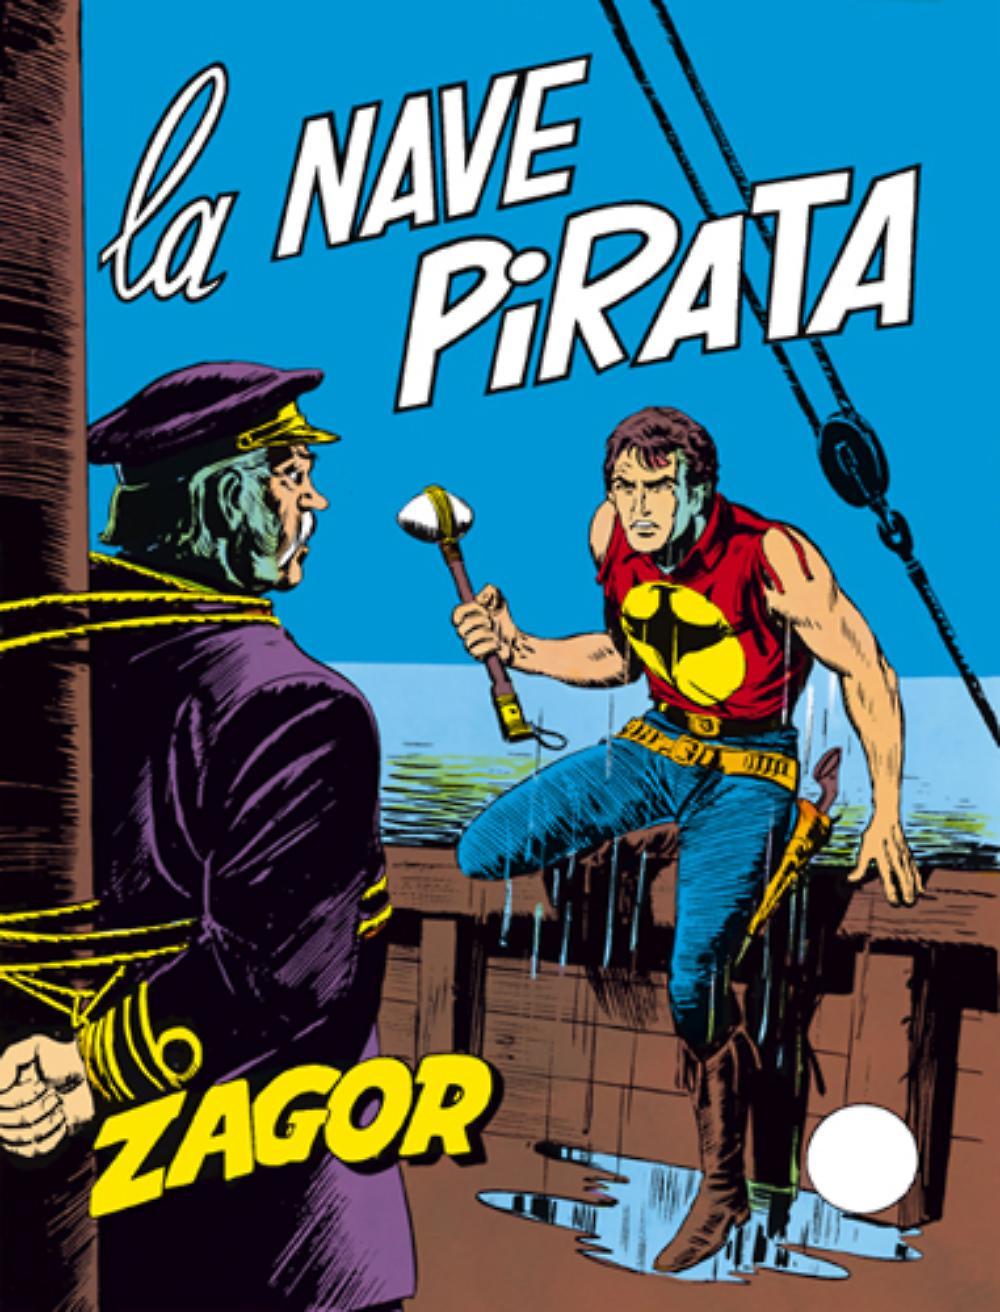 Le scogliere del male (n.668/669/670) - Pagina 3 084f85ba8bd8f32c89d8f4b2207f9a91.jpg--la_nave_pirata